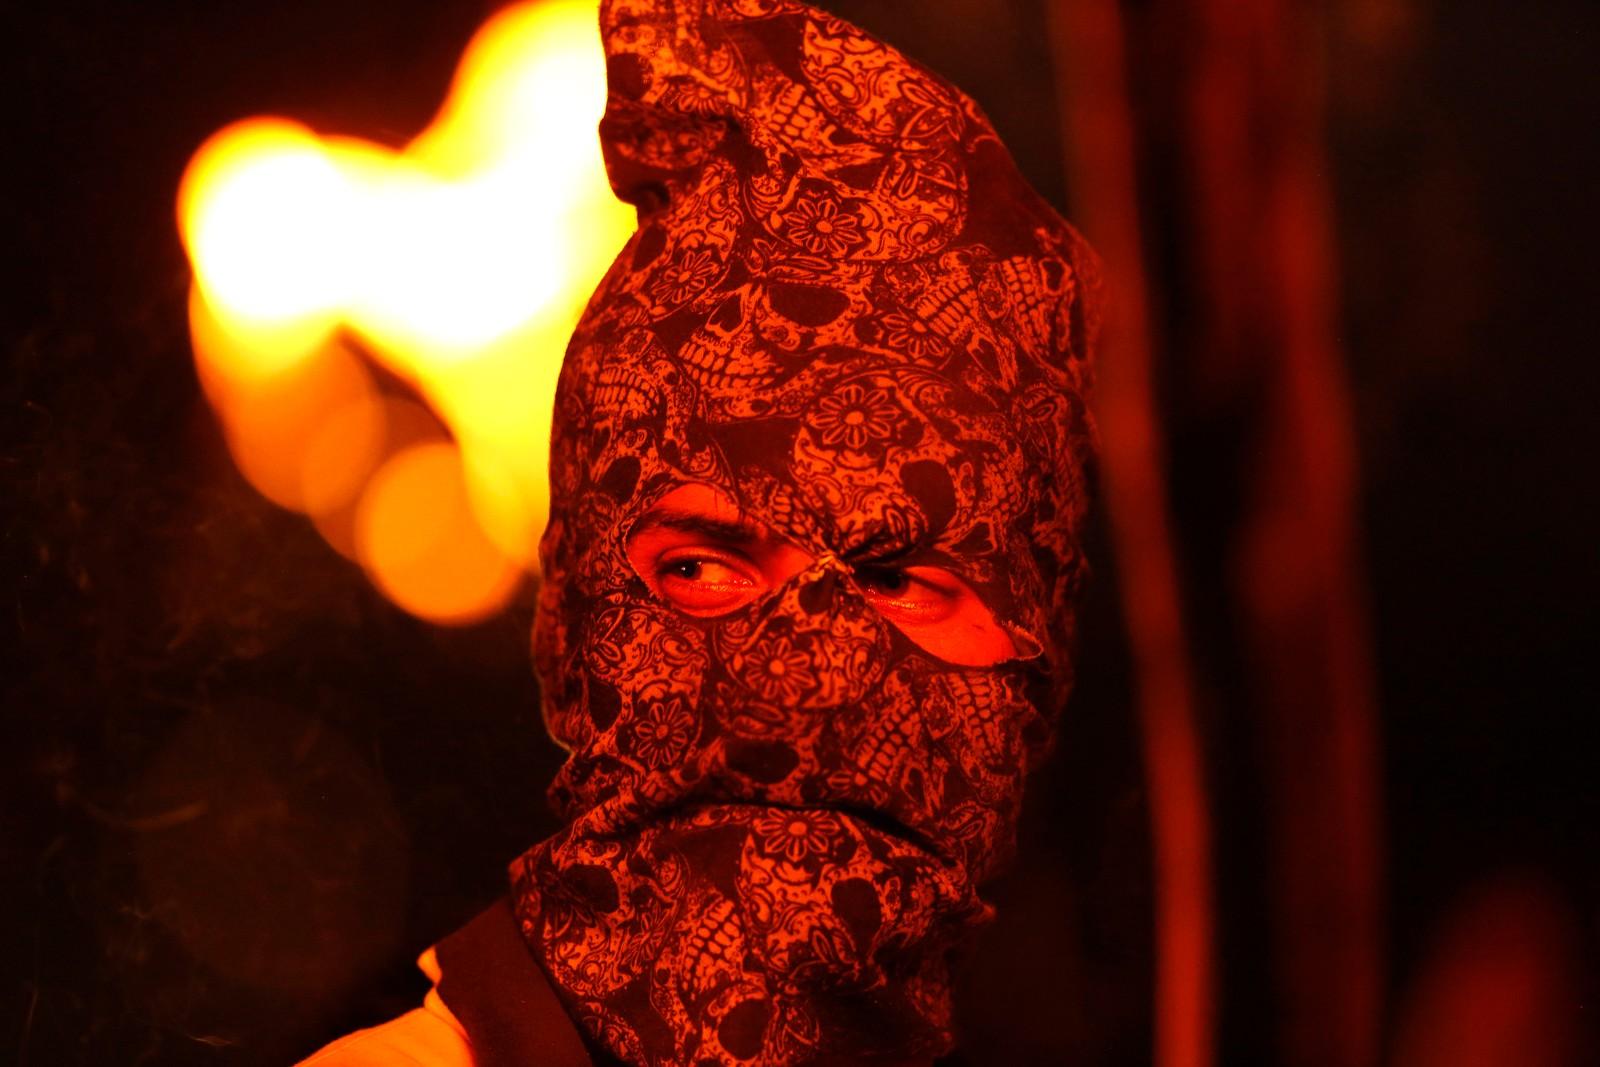 Kashmir den 21. juli. En maskert demonstrant er en av mange som protesterer i Srinagar i India i disse dager. Det har vært mye uro i regionen. Dusinvis er døde og mange hundre er skadd under demonstrasjonene som oppstod etter at indiske tropper skal ha drept en populær rebell-leder.